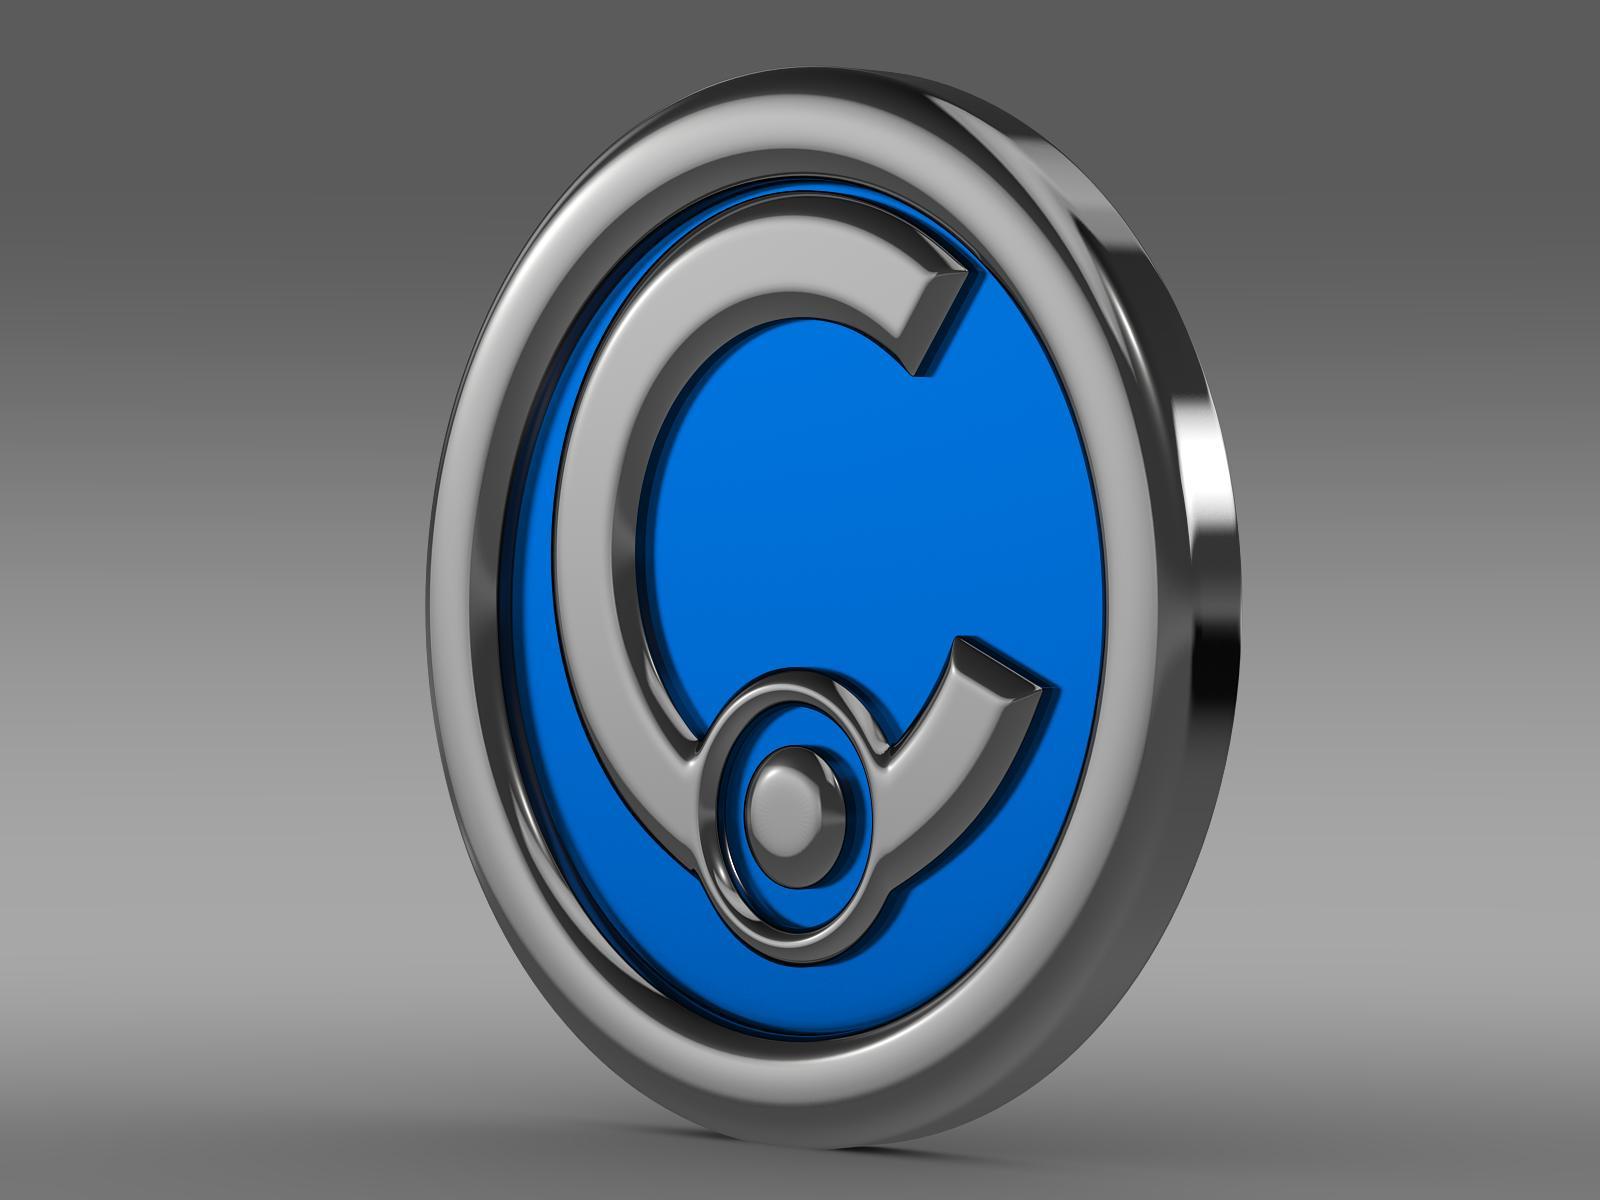 casalini logo 3d model 3ds max fbx c4d lwo ma mb hrc xsi obj 208235